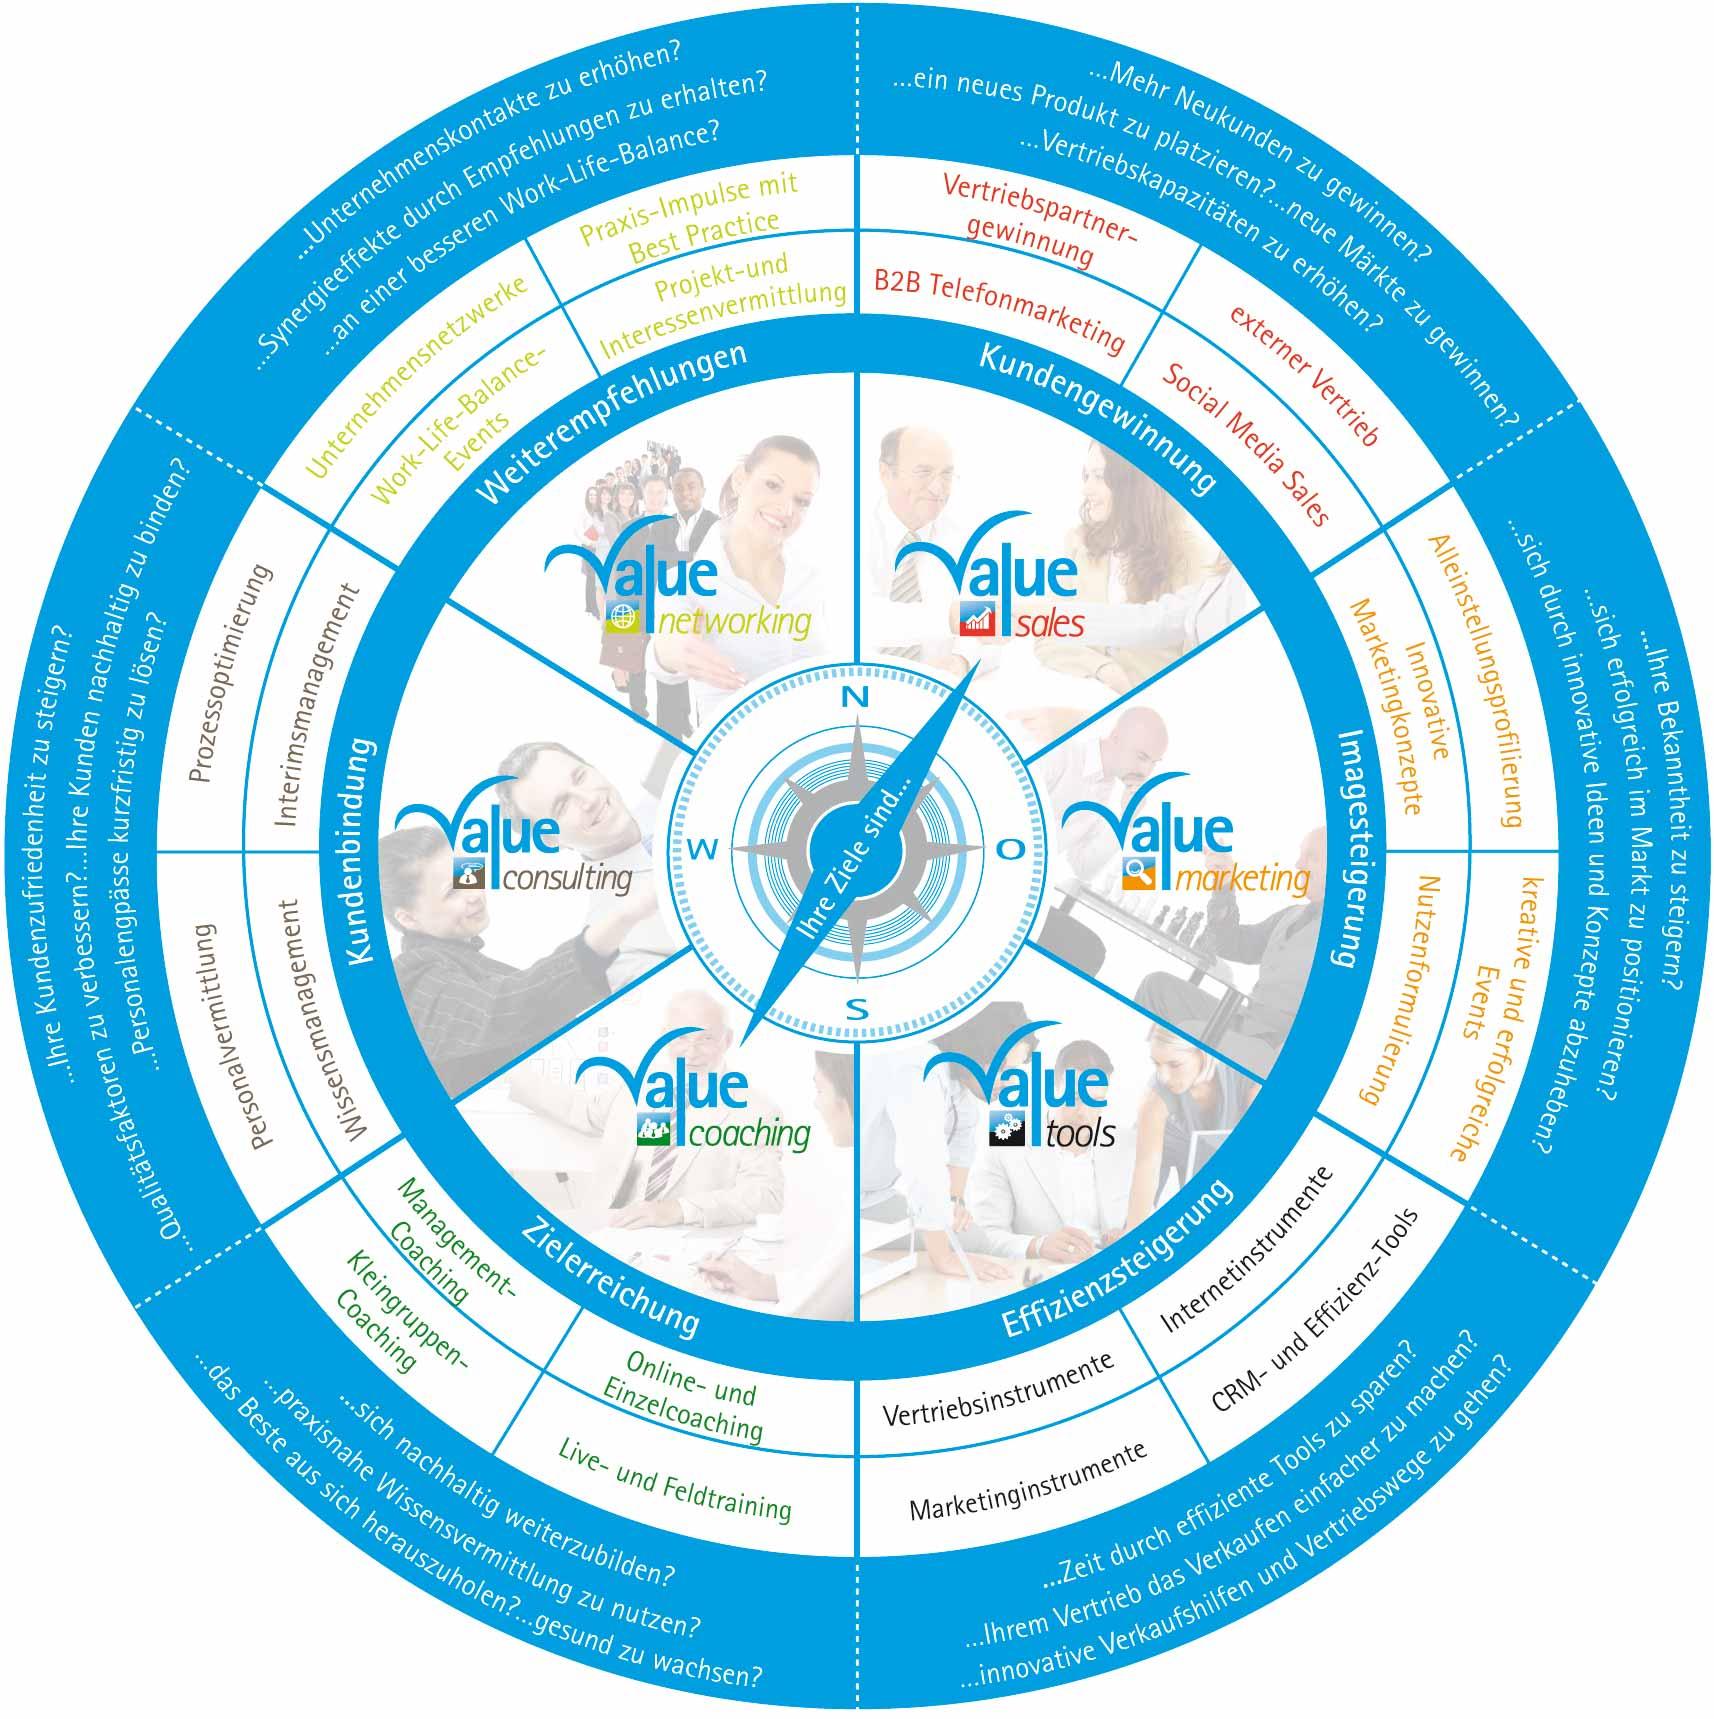 Vertrieb, Marketing und Internet - ziel- und erfolgsorientiert